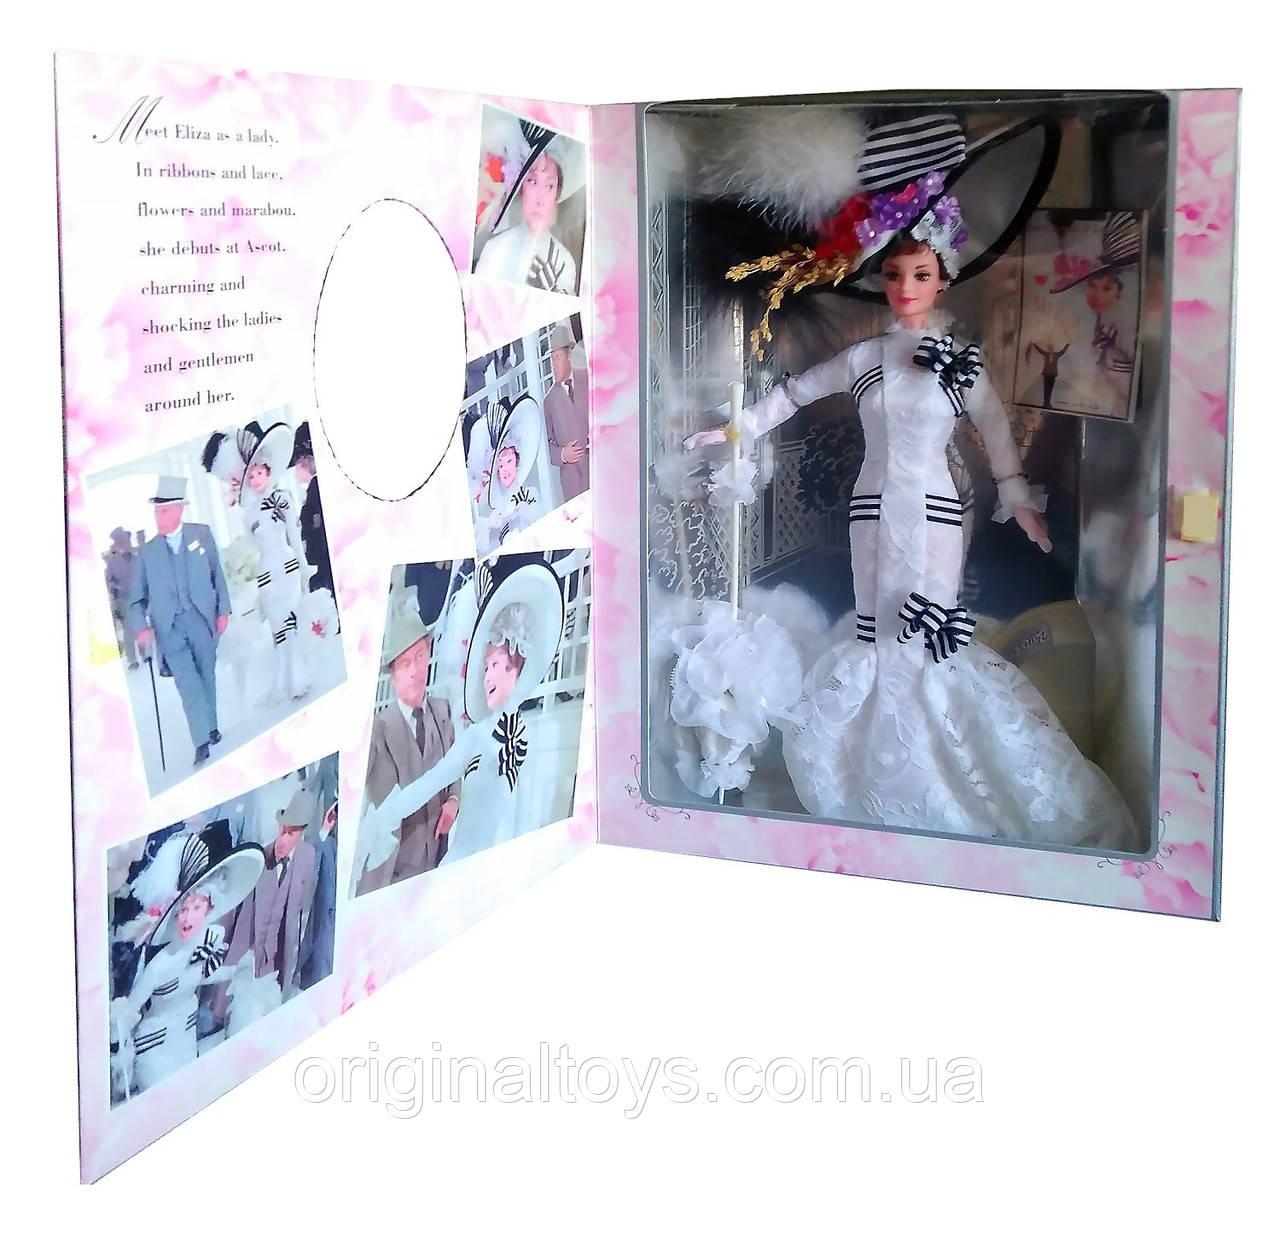 Колекційна лялька Барбі Еліза Дуліттл Моя прекрасна леді Barbie Eliza Doolittle My Fair Lady 1995 Mattel